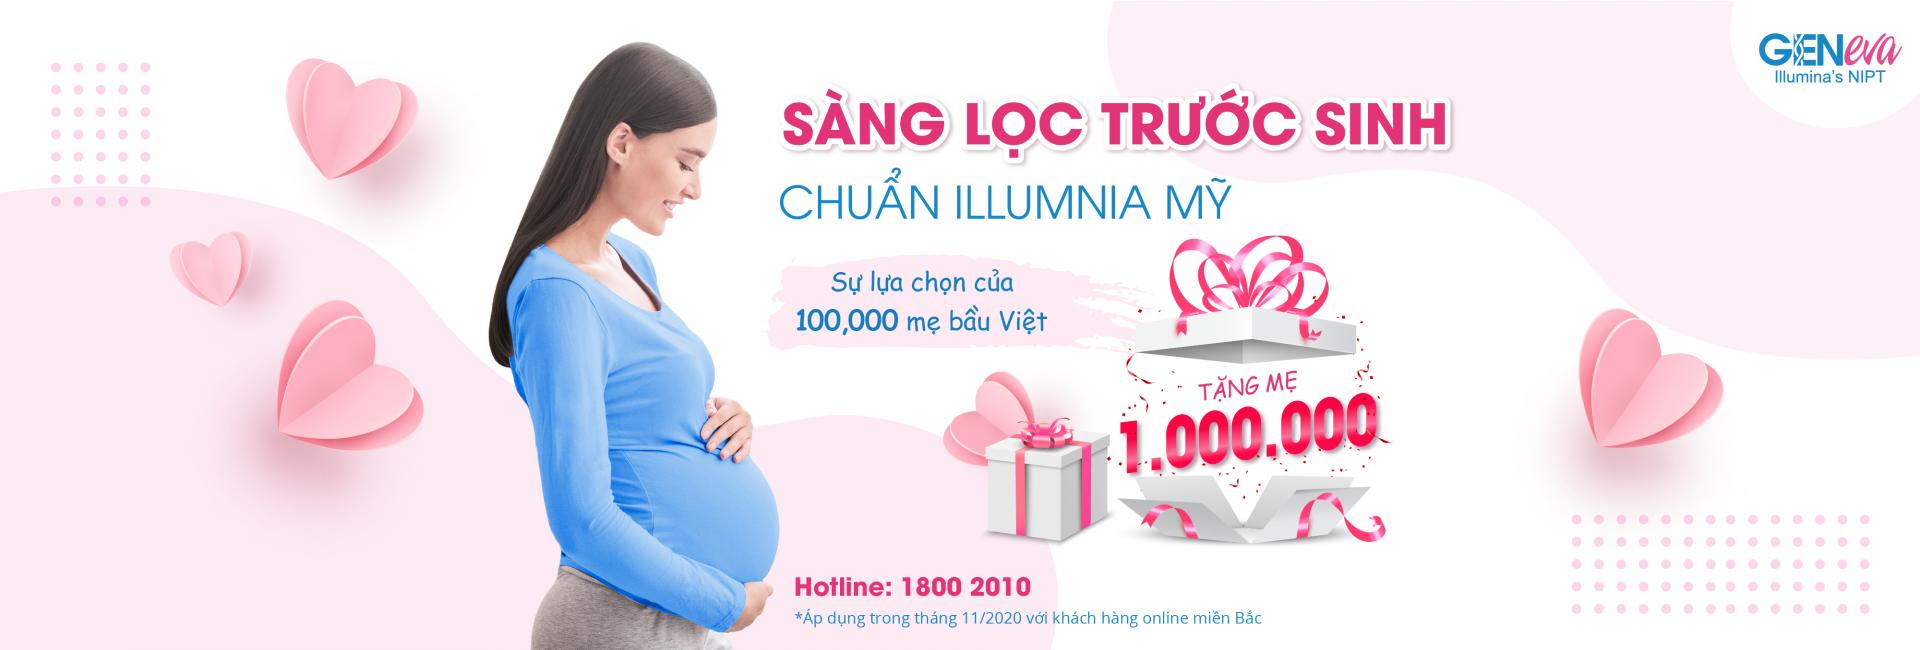 banner/11.2020/geneva_km_thang_11-01-2-2.png